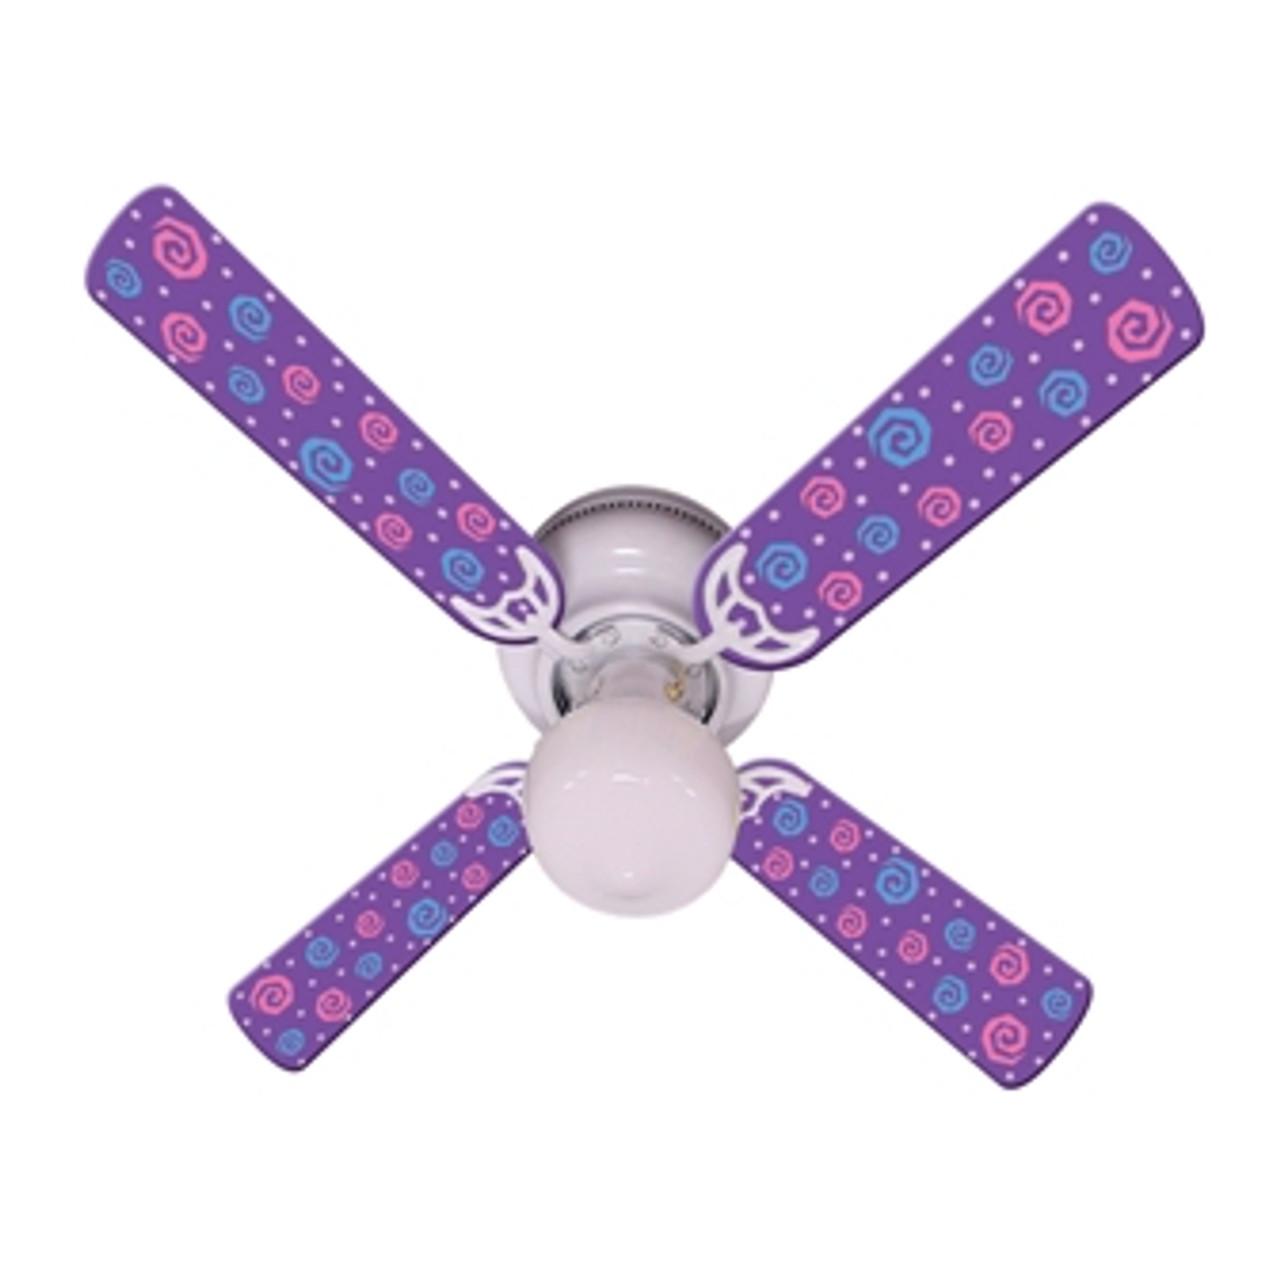 Kids Purple Party Pops Ceiling Fan 42 Ceiling Fans Kids Room Decor